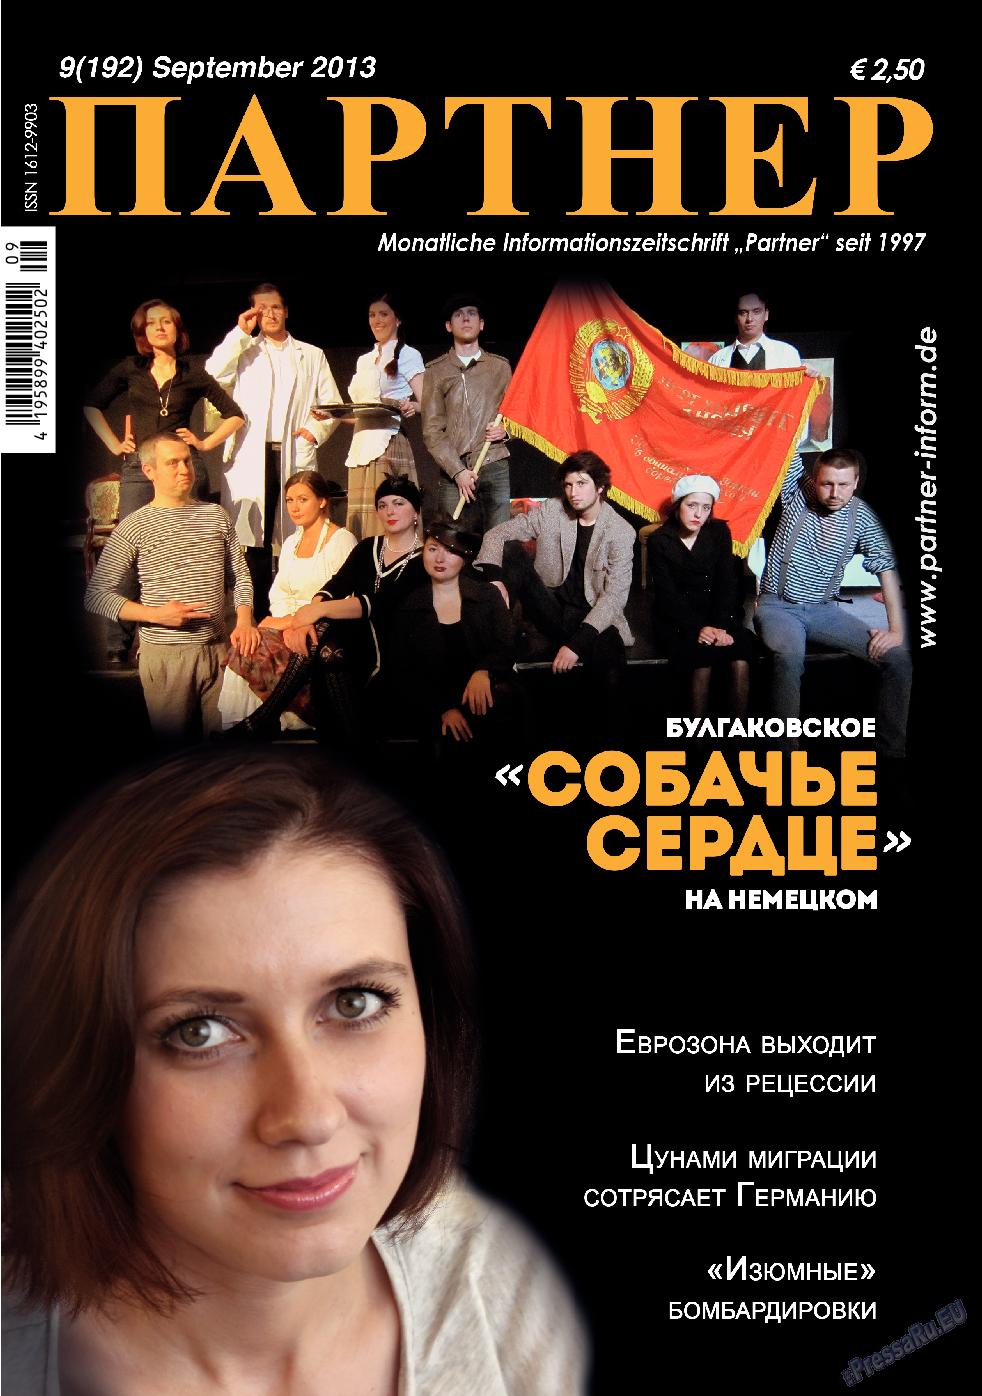 Партнер (журнал). 2013 год, номер 9, стр. 1